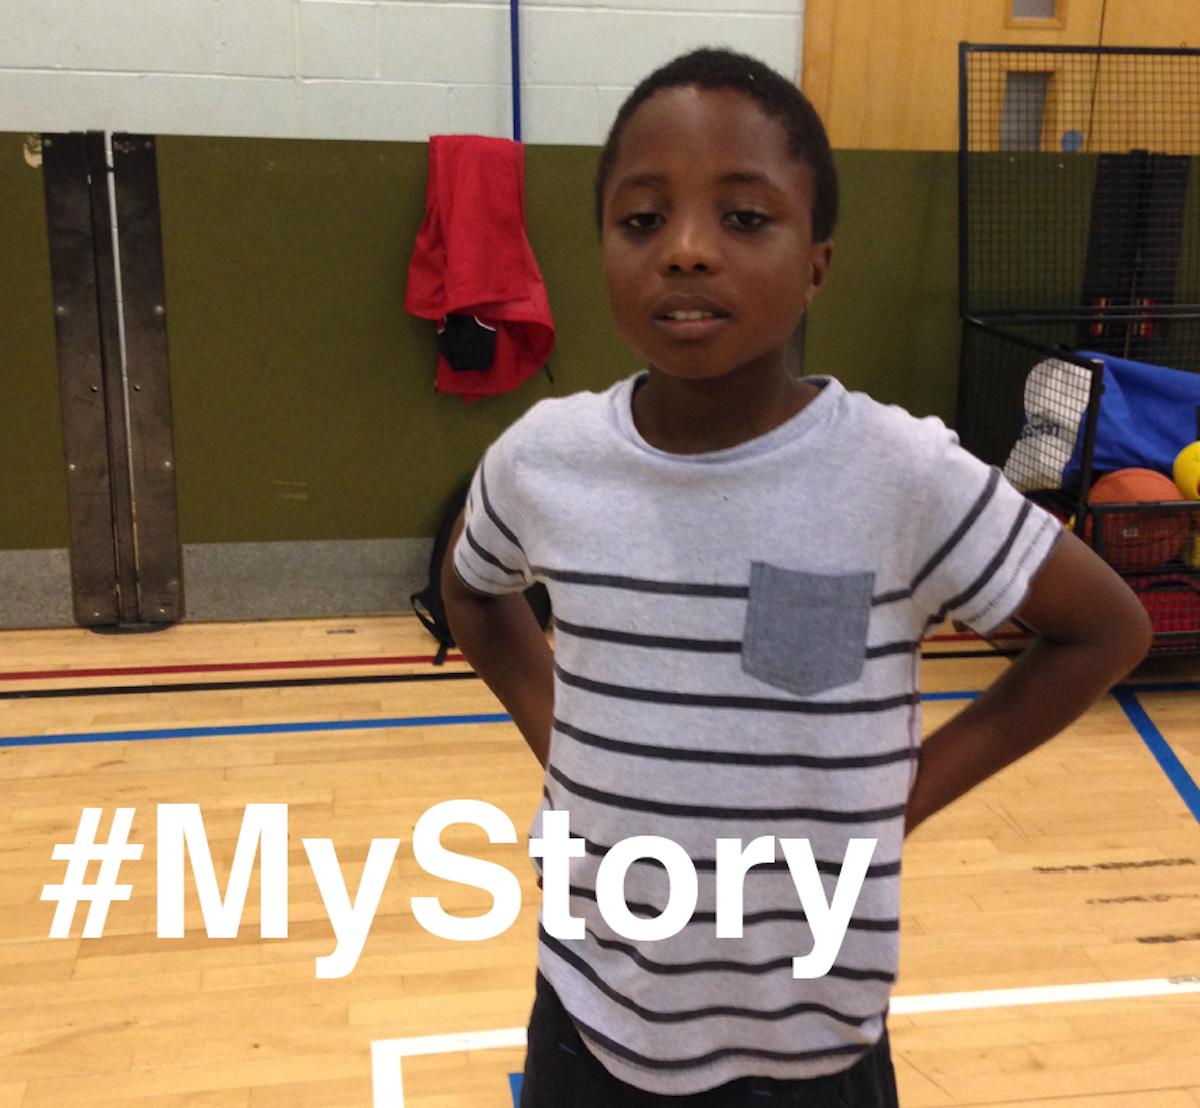 #MyStory - Abu, Cub Sutton - Disability Sports Coach